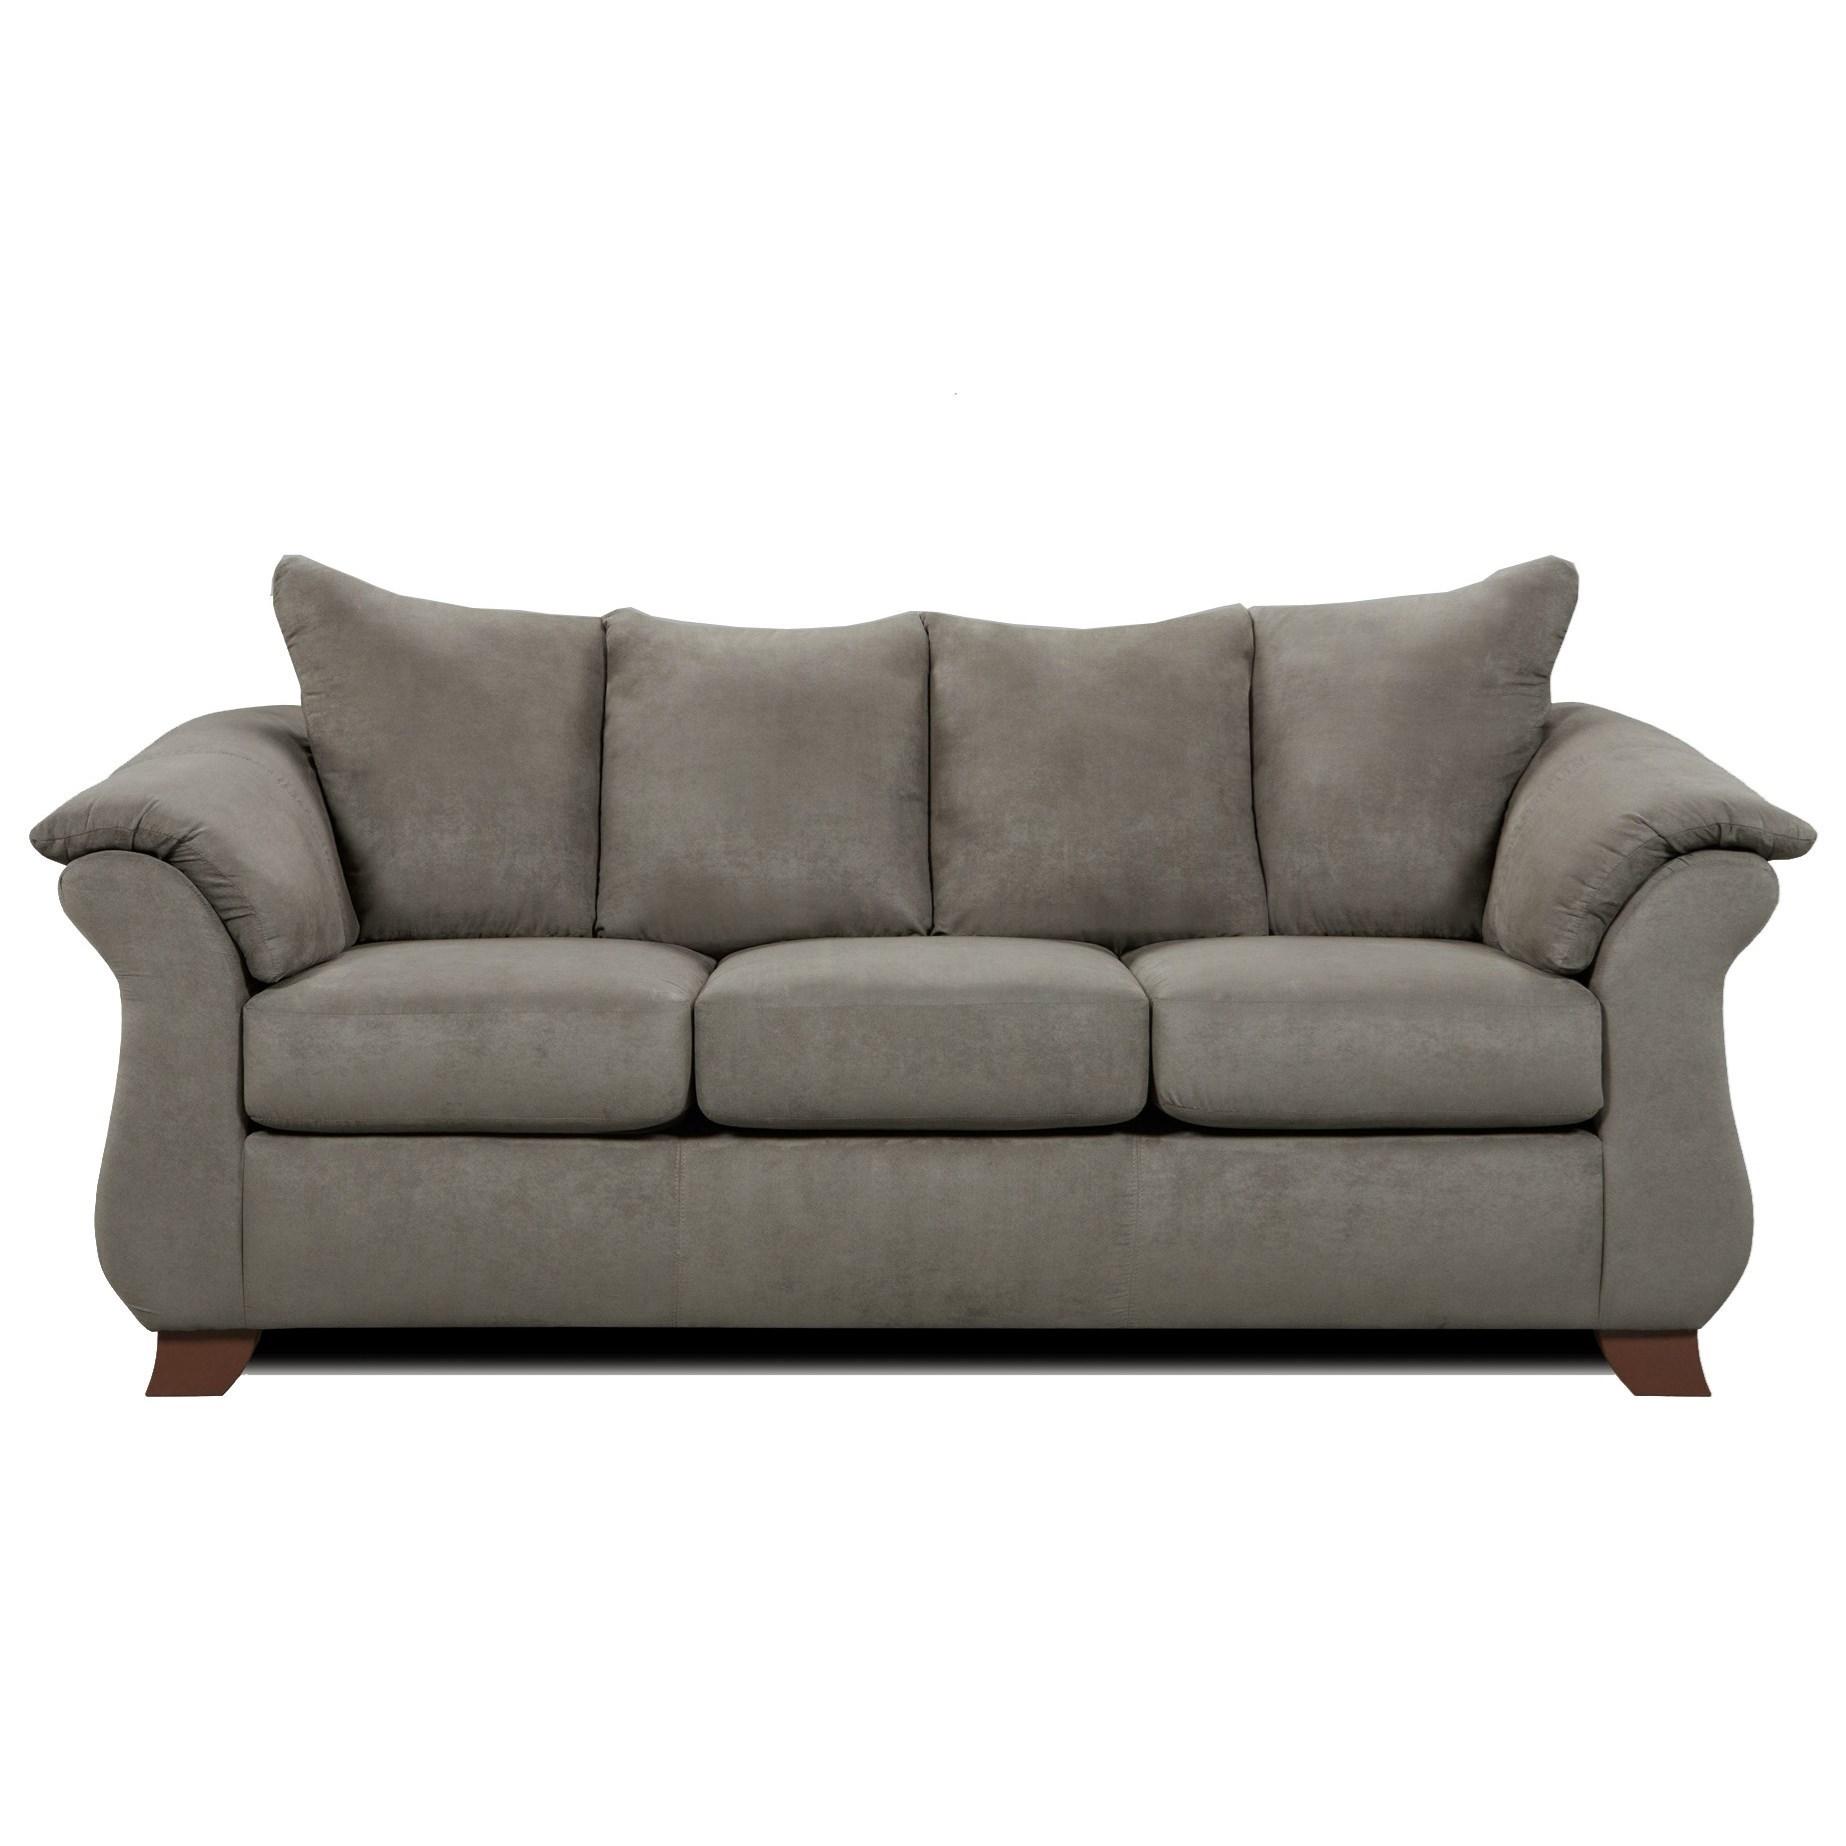 Charmant Wilcox Furniture